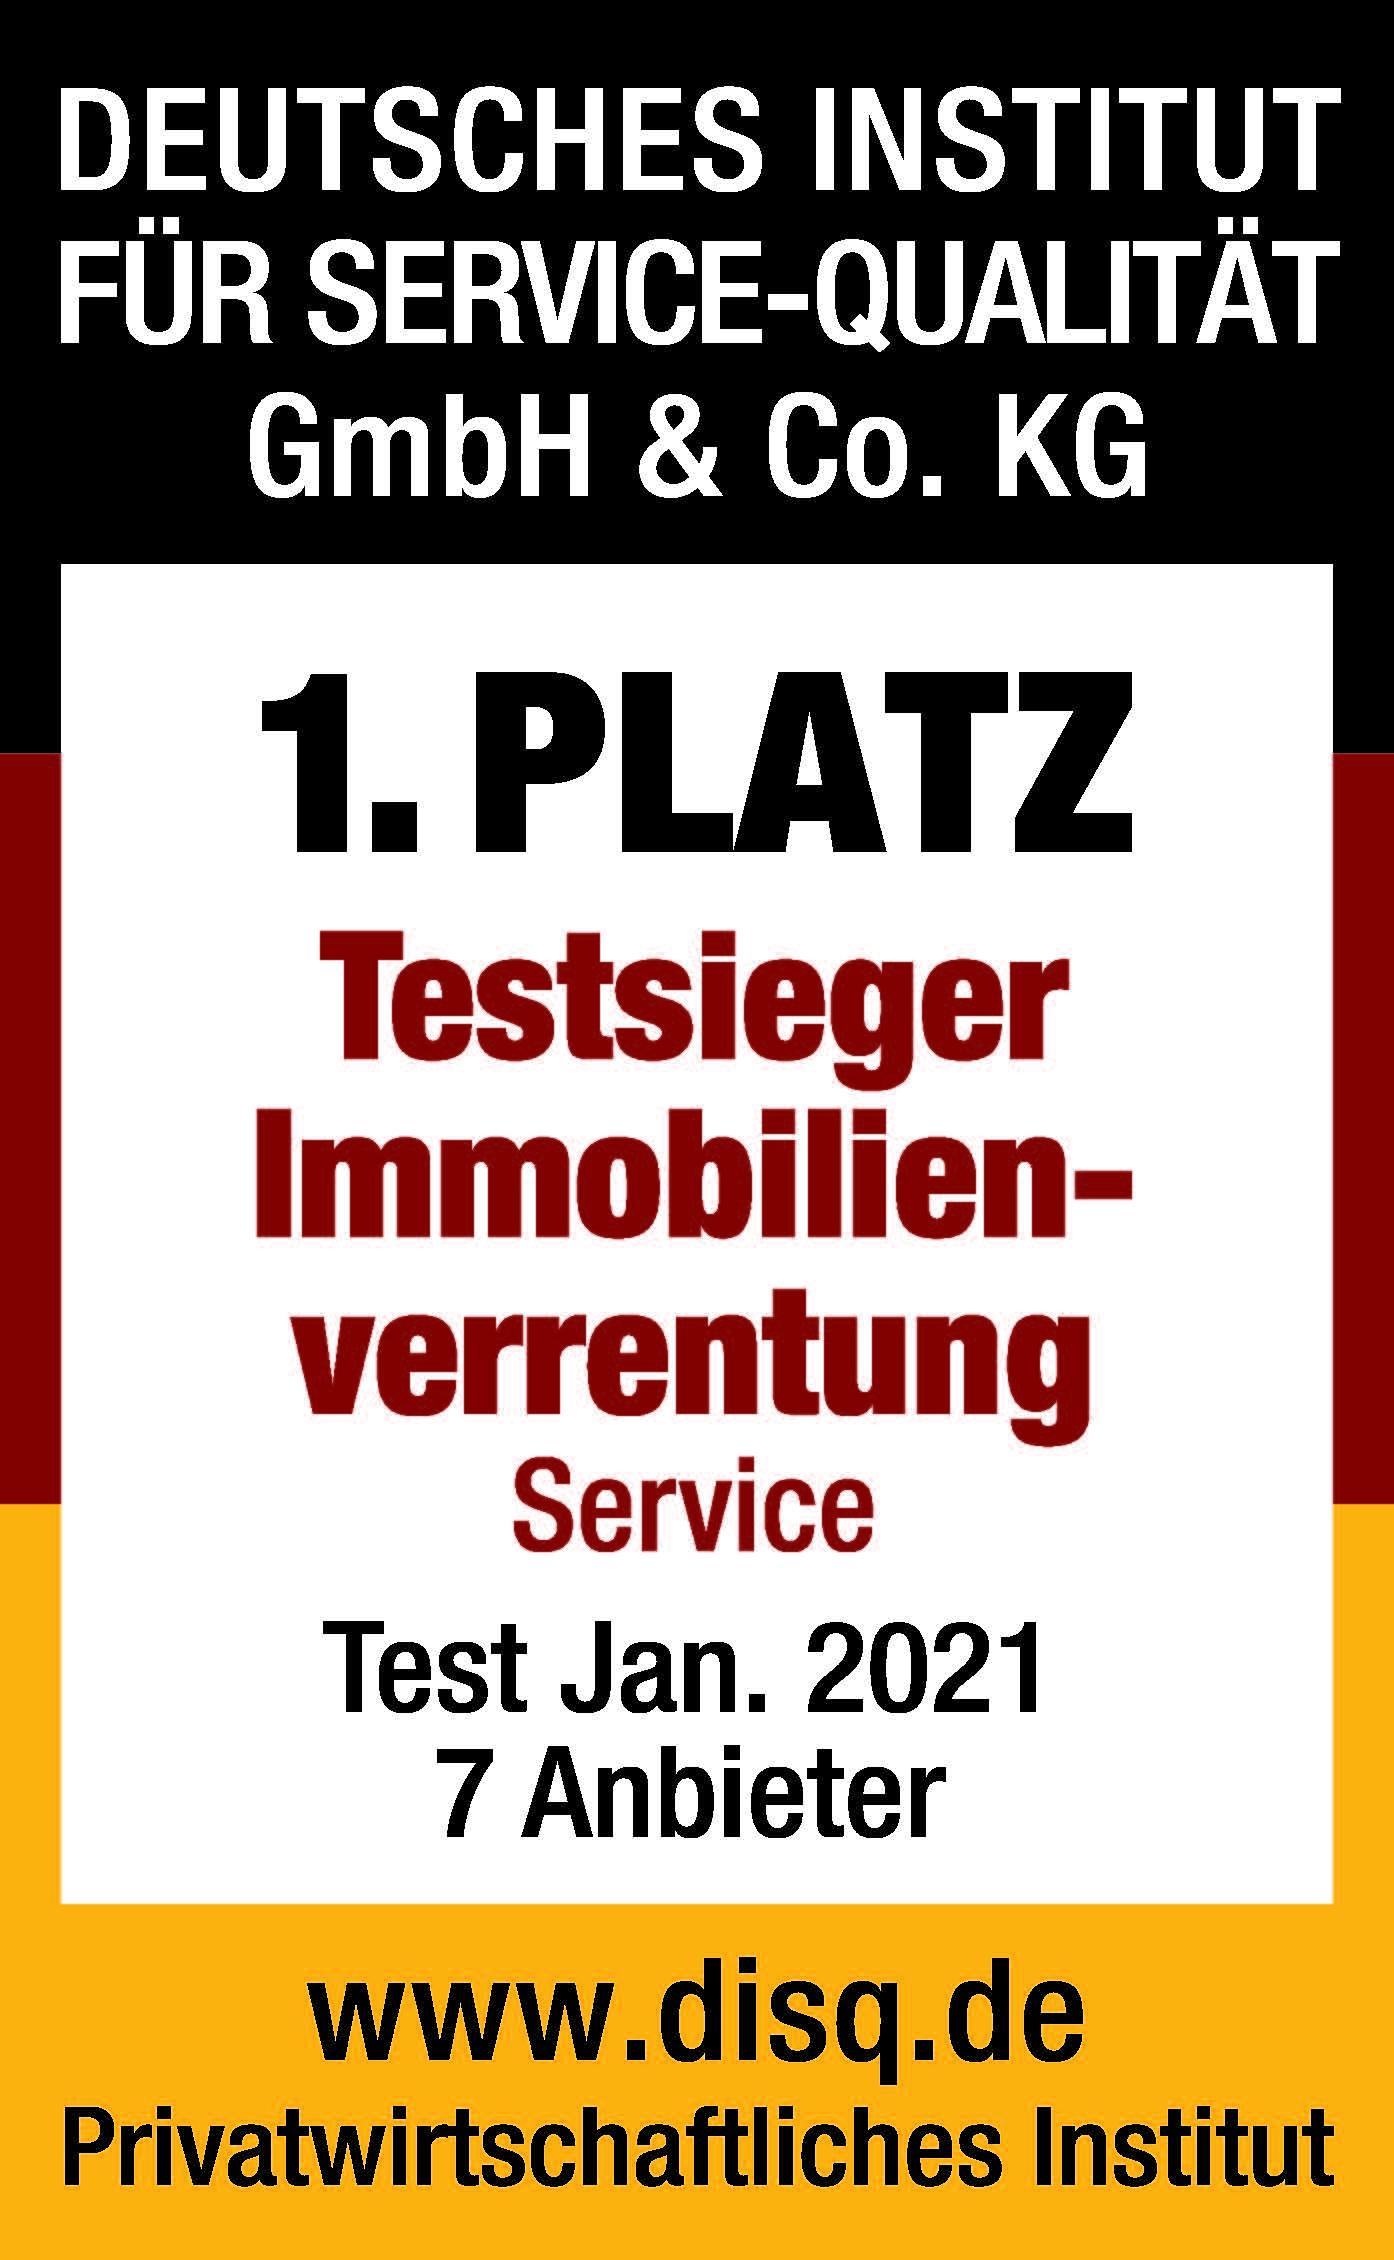 DEGIV Testsieger Immoblienverrentung Service